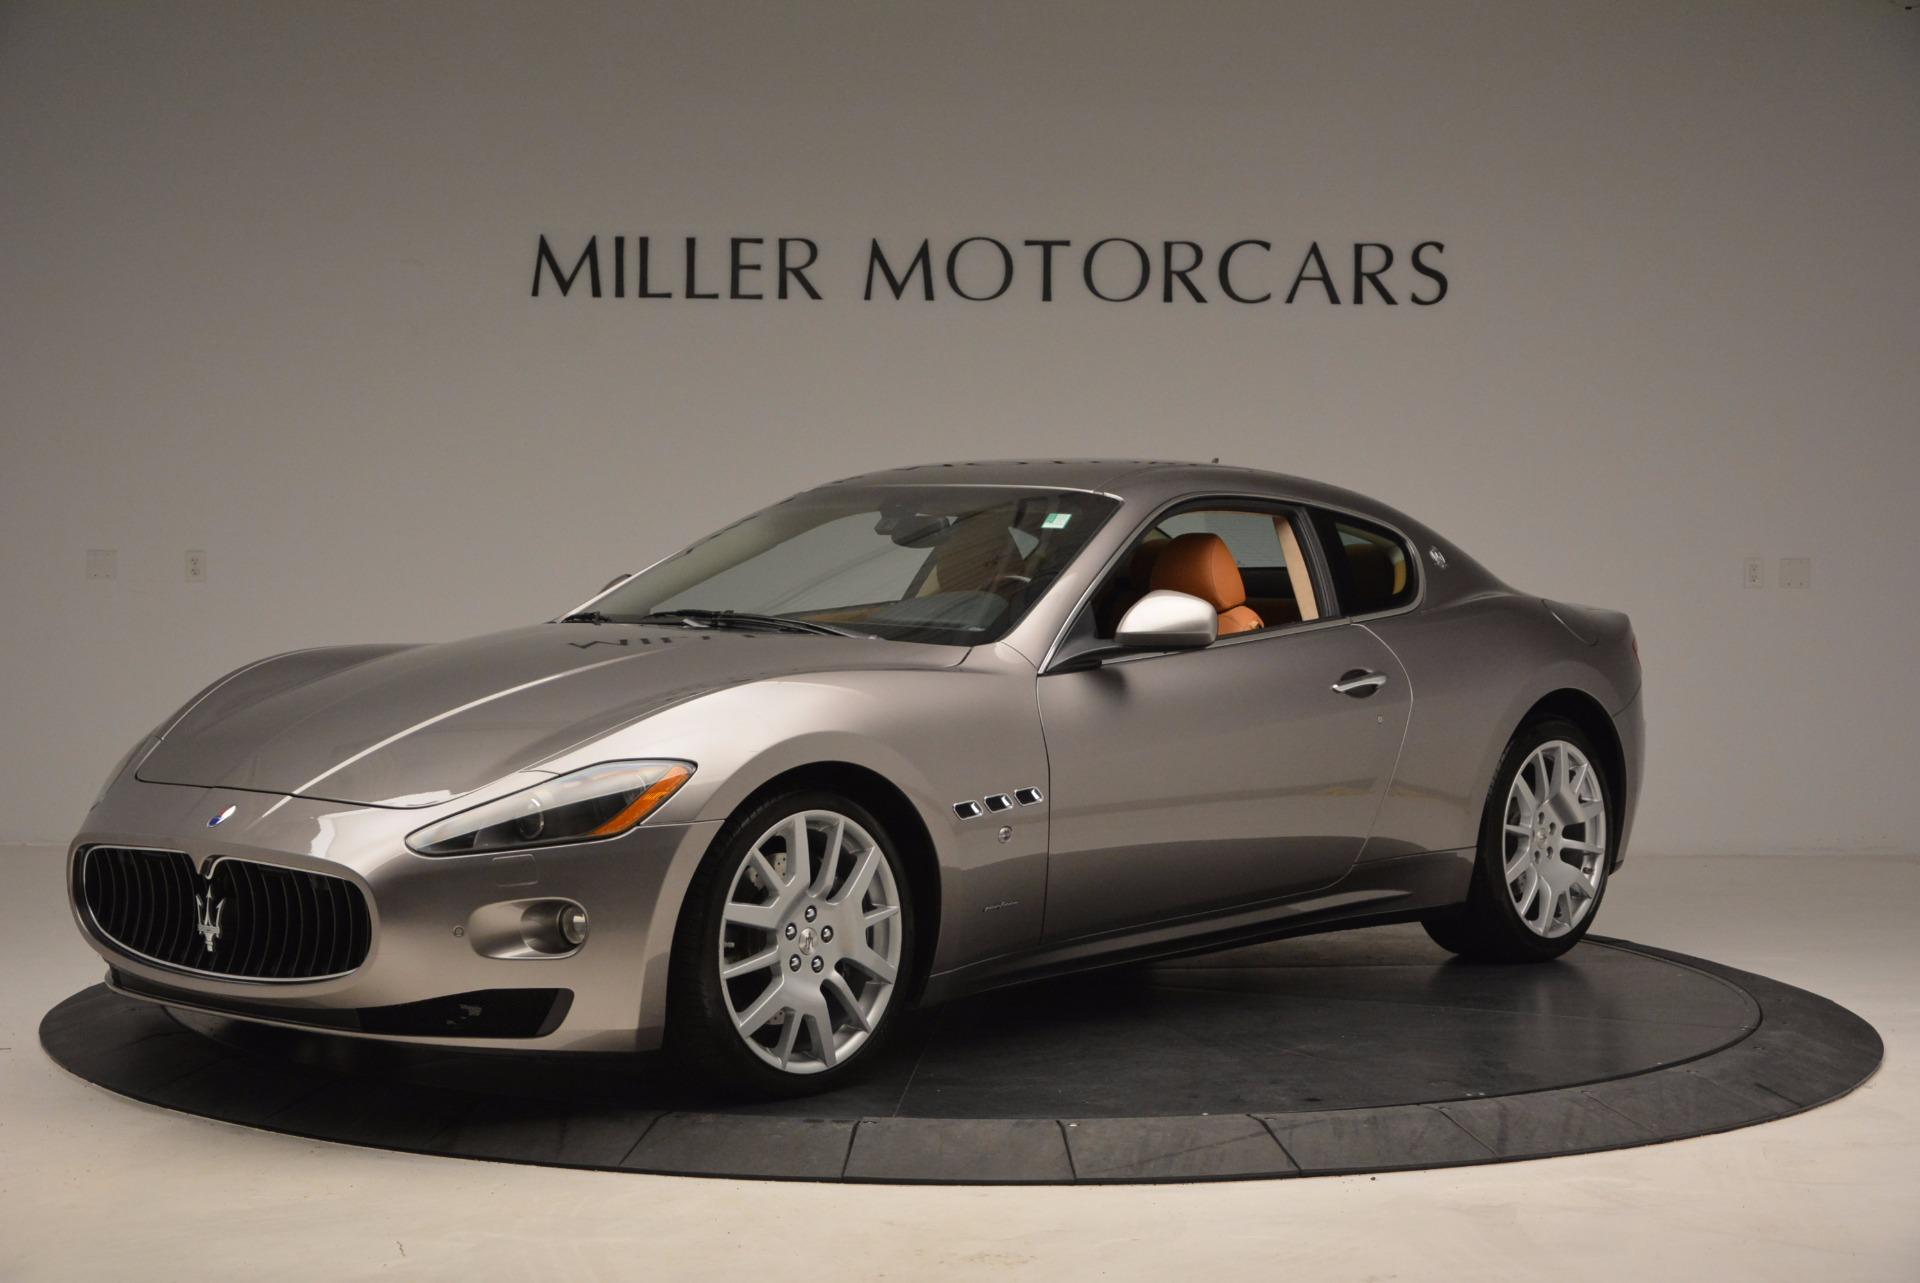 Used 2009 Maserati GranTurismo S For Sale In Greenwich, CT 1063_p2